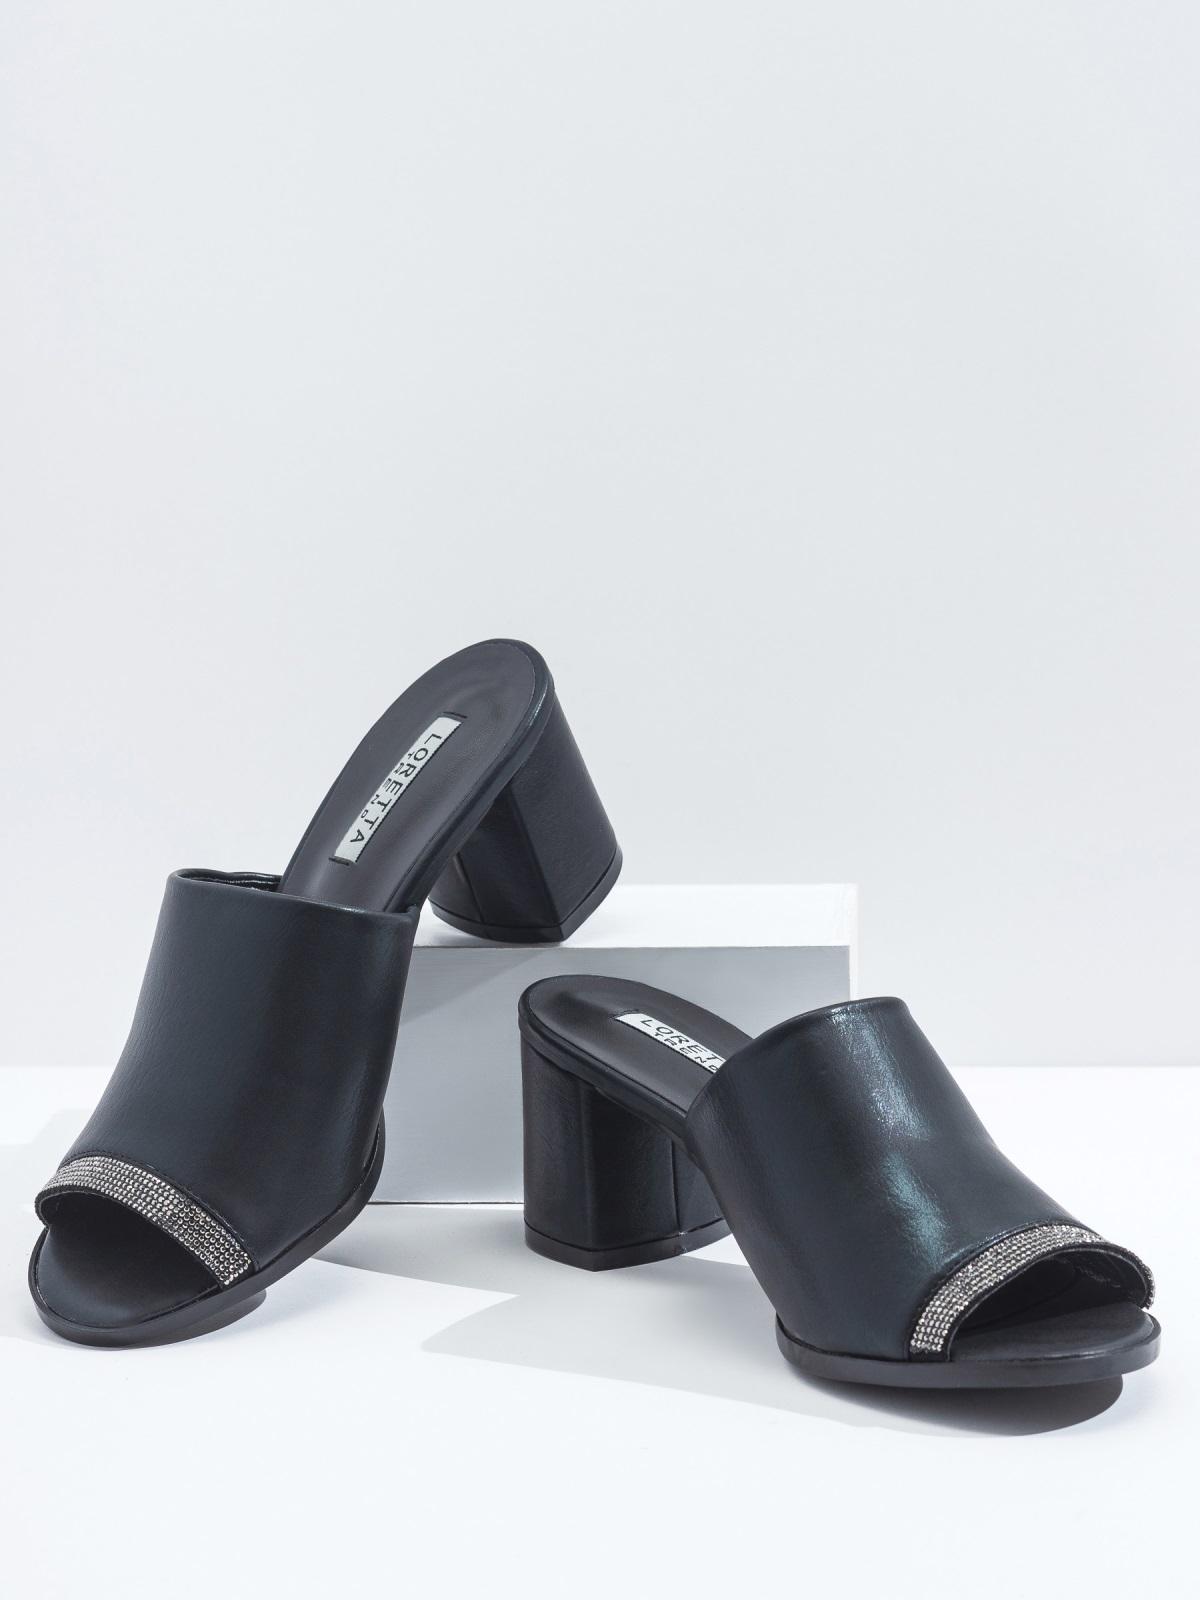 Чёрные босонжки-сабо из искусственной кожи 45994, фото 1